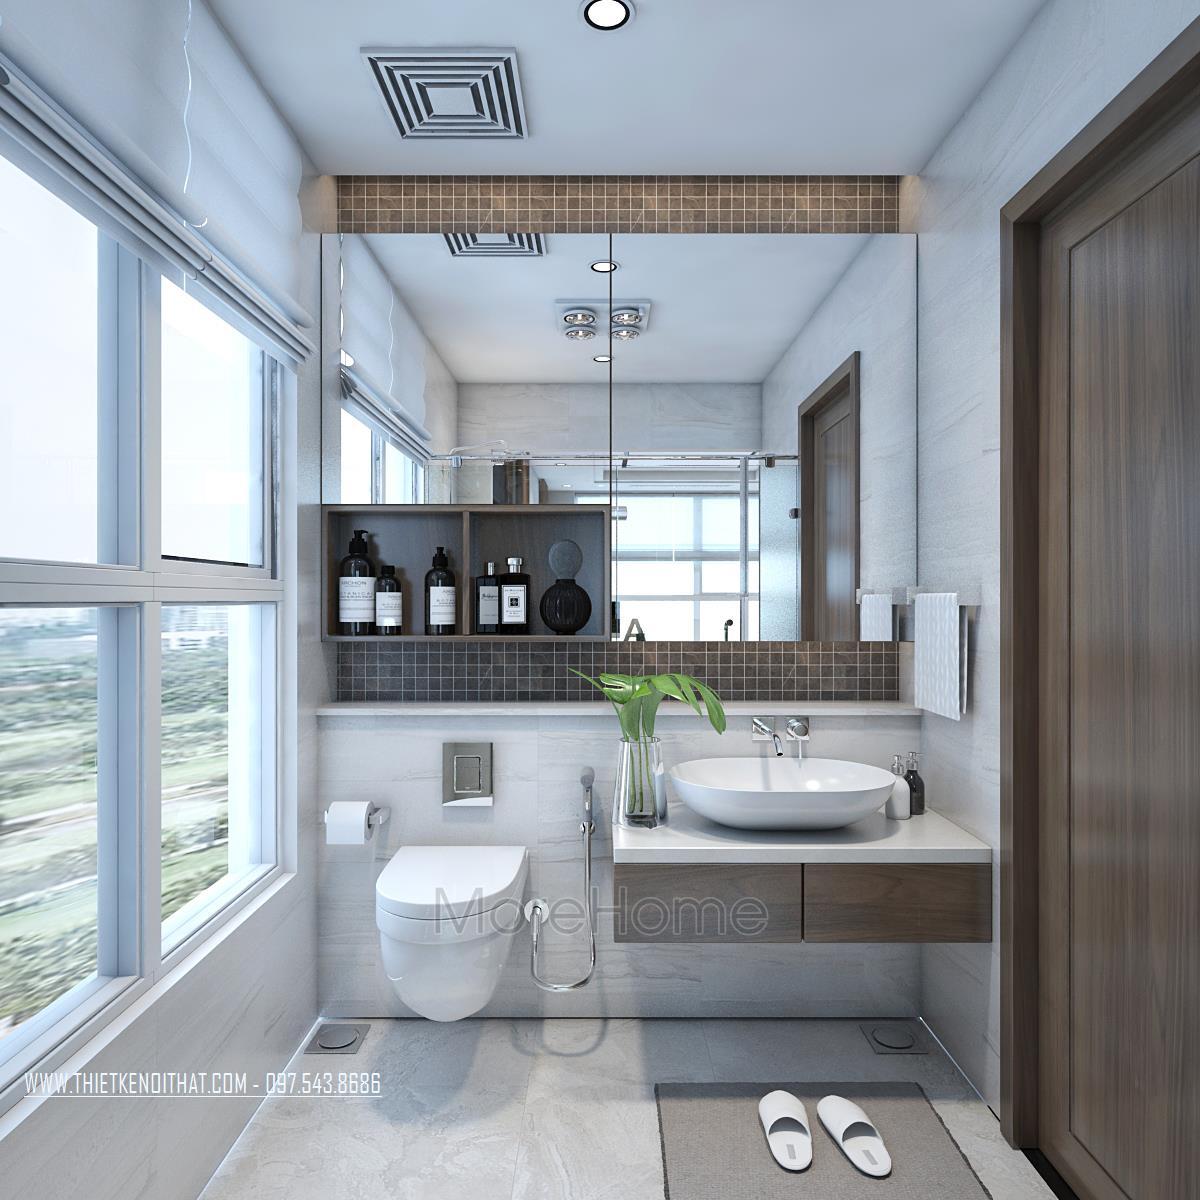 Thiết kế nội thất chung cư Vinhome Gardenia